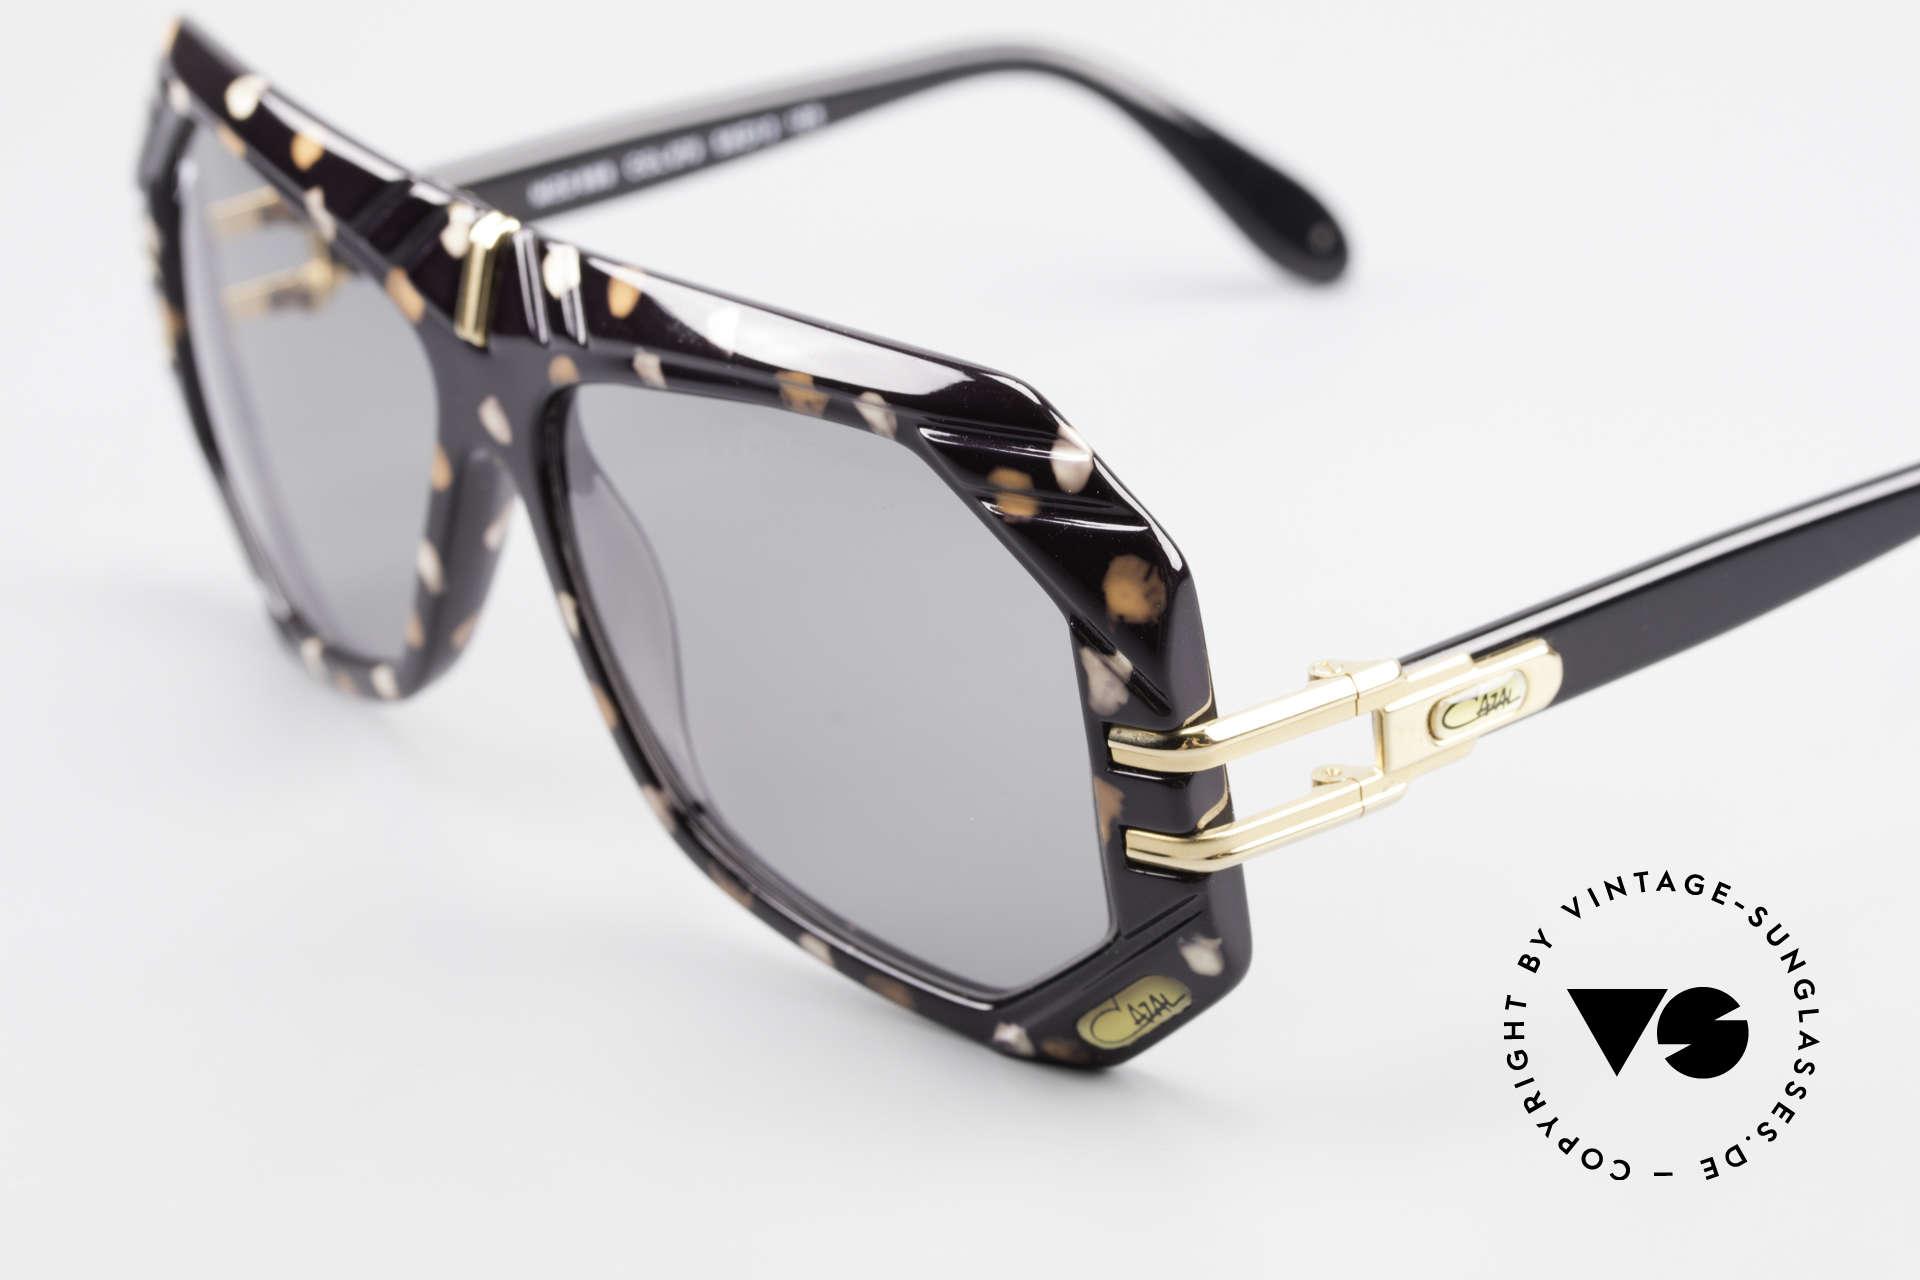 Cazal 868 West Germany Designerbrille, herausragendes Designerstück von CAri ZALloni, Cazal, Passend für Herren und Damen